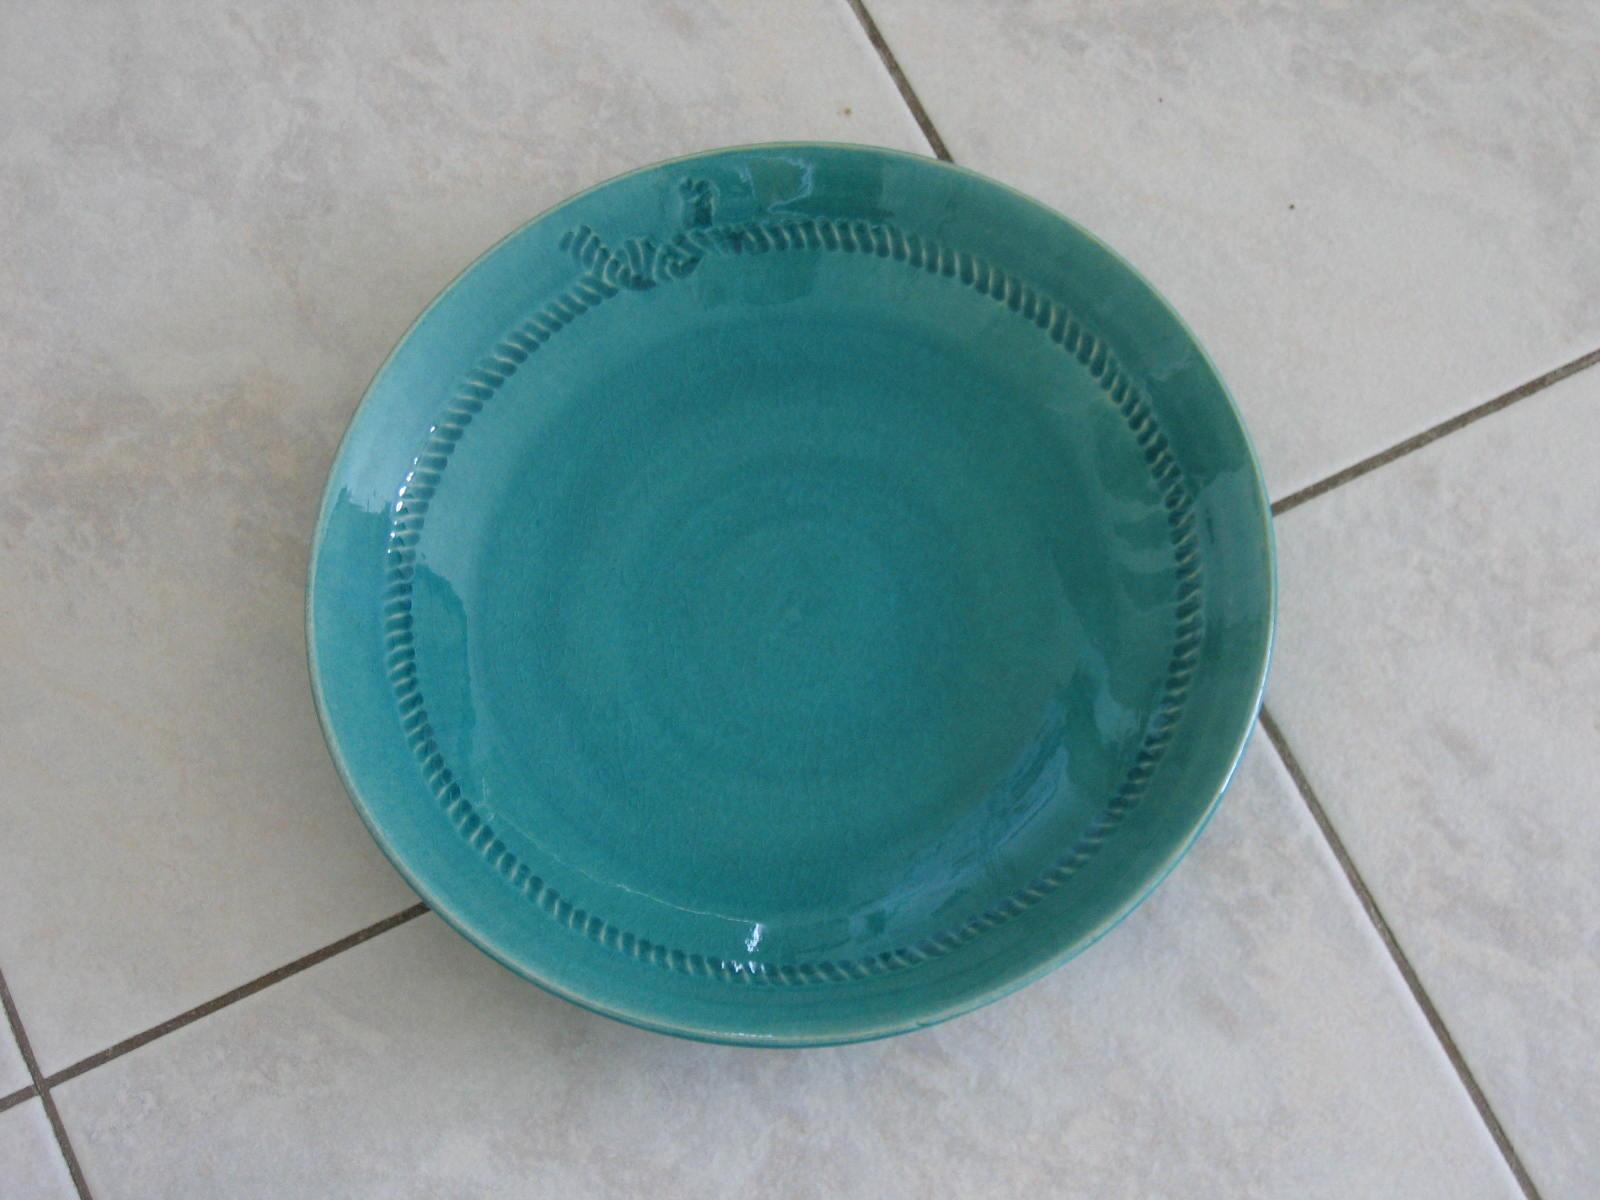 トルコ青の綱模様の皿_e0038312_2133542.jpg